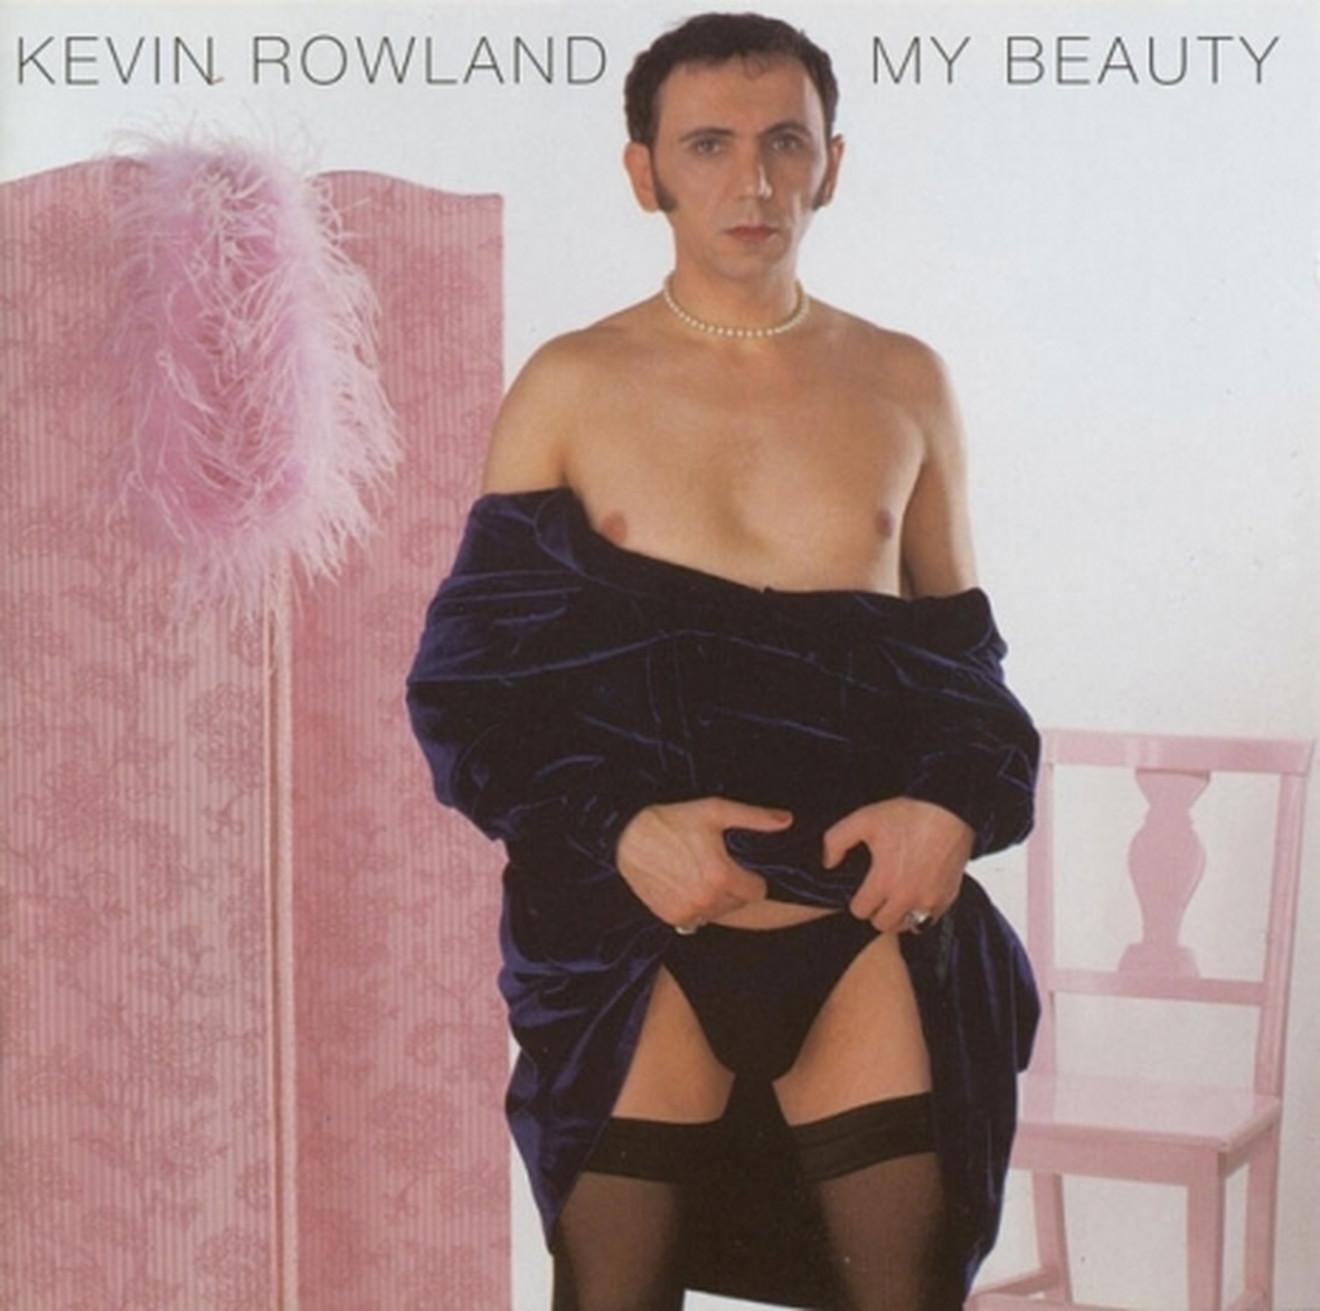 Kevin Rouland i njegova lepota